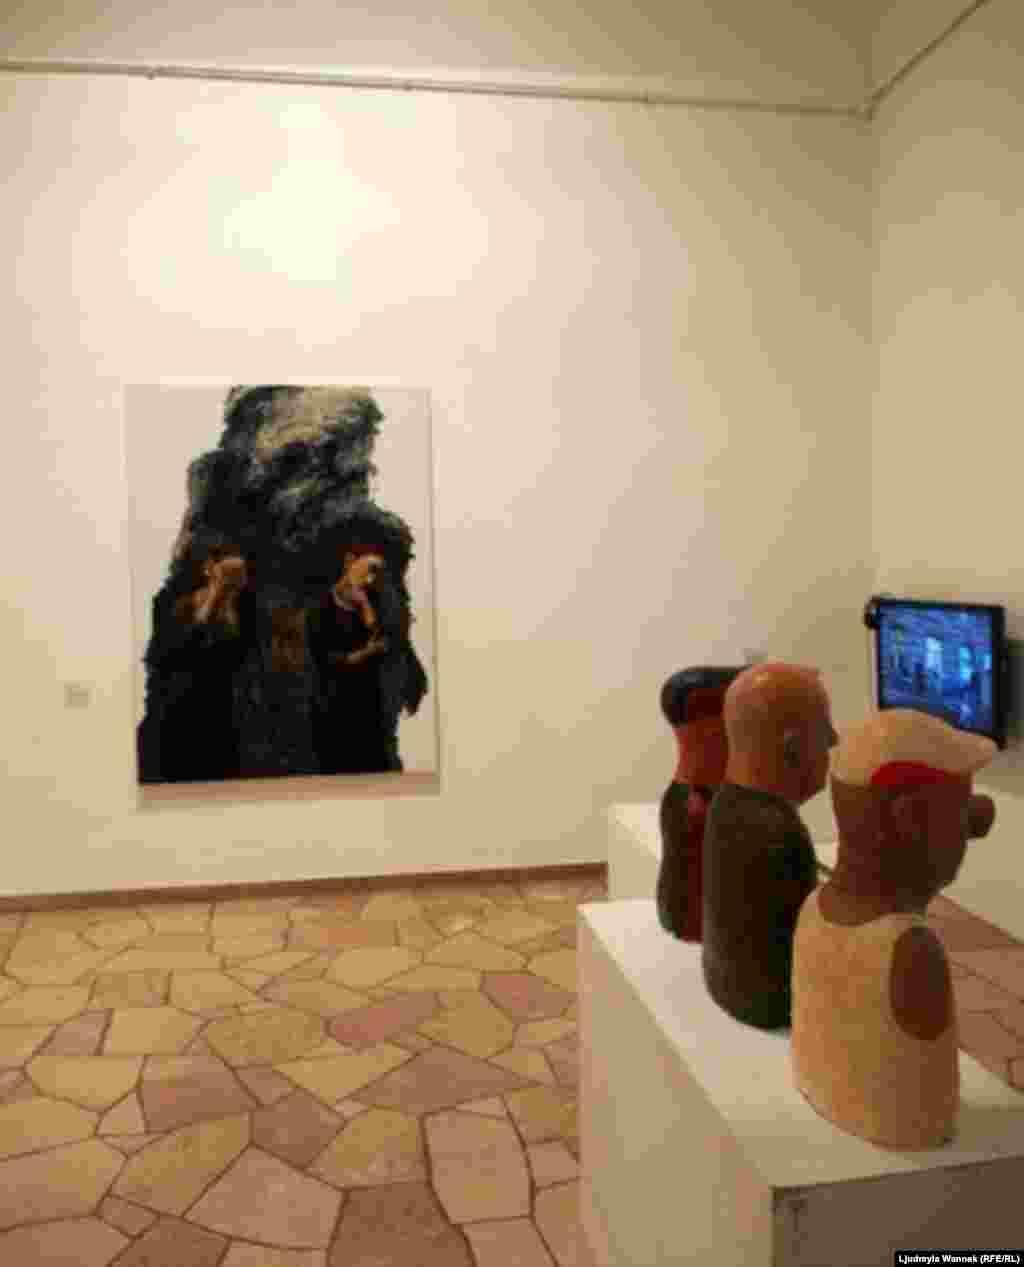 В каждом зале кроме картин, объектов, инсталляций и плакатов, стоят телевизоры, показывающие документальные фильмы о Майдане